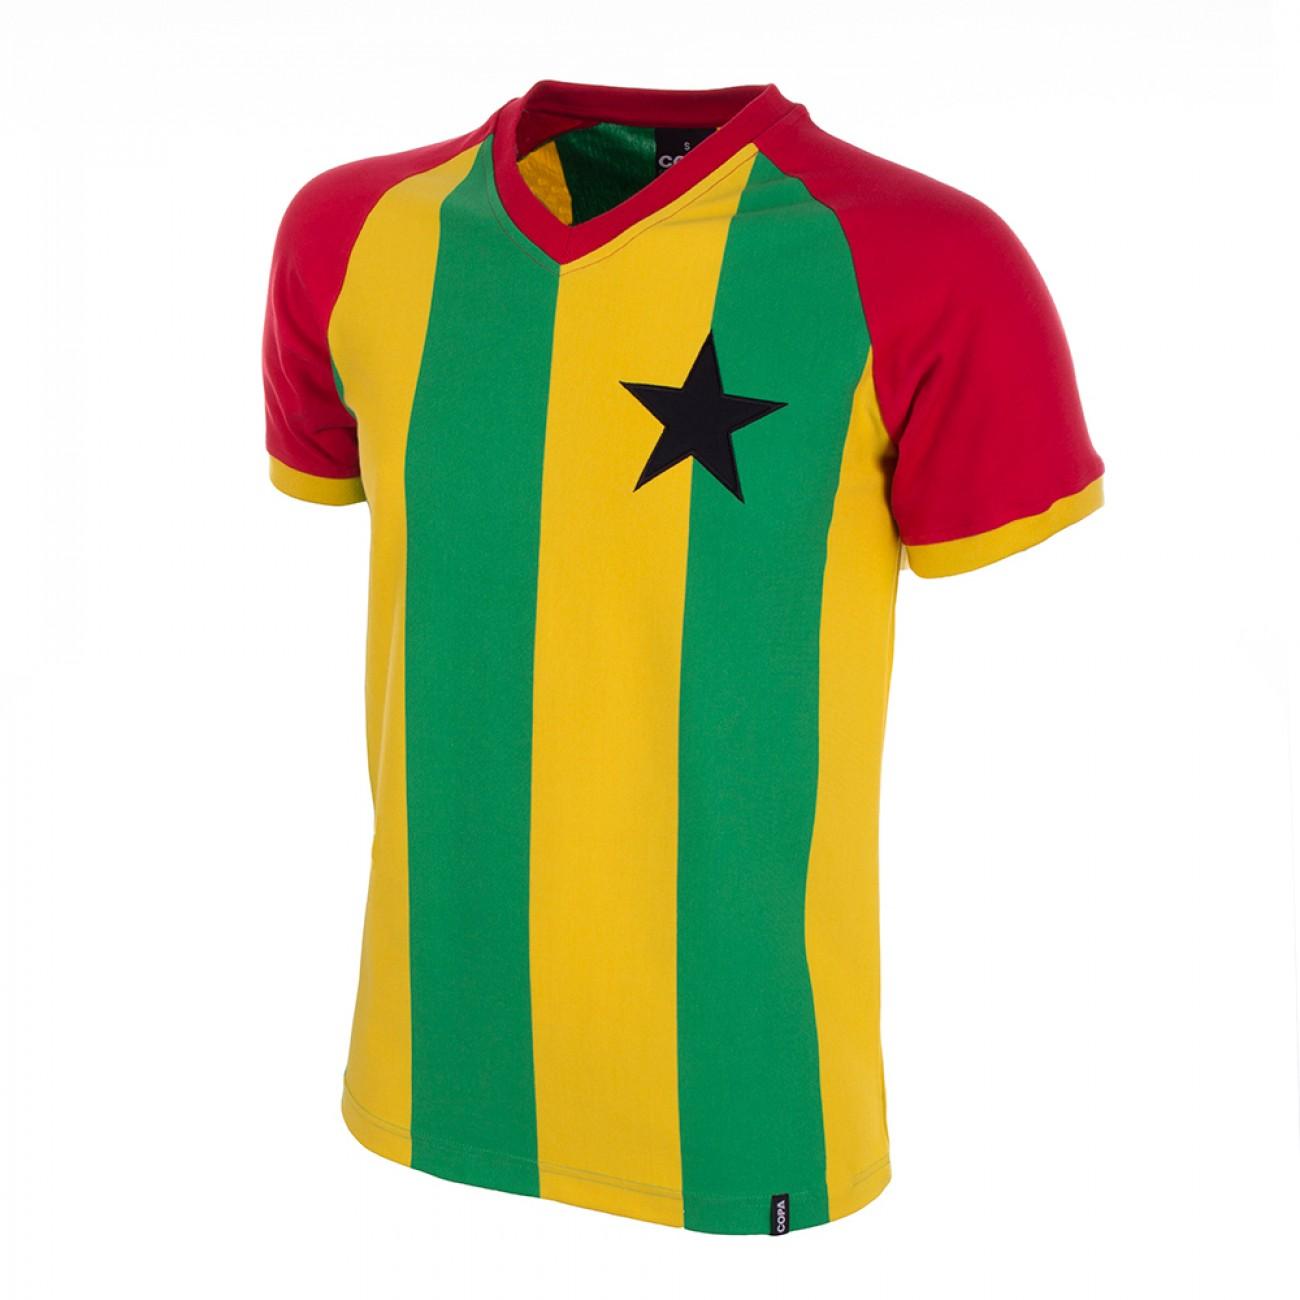 http://www.retrofootball.es/ropa-de-futbol/camiseta-ghana-a-os-80.html